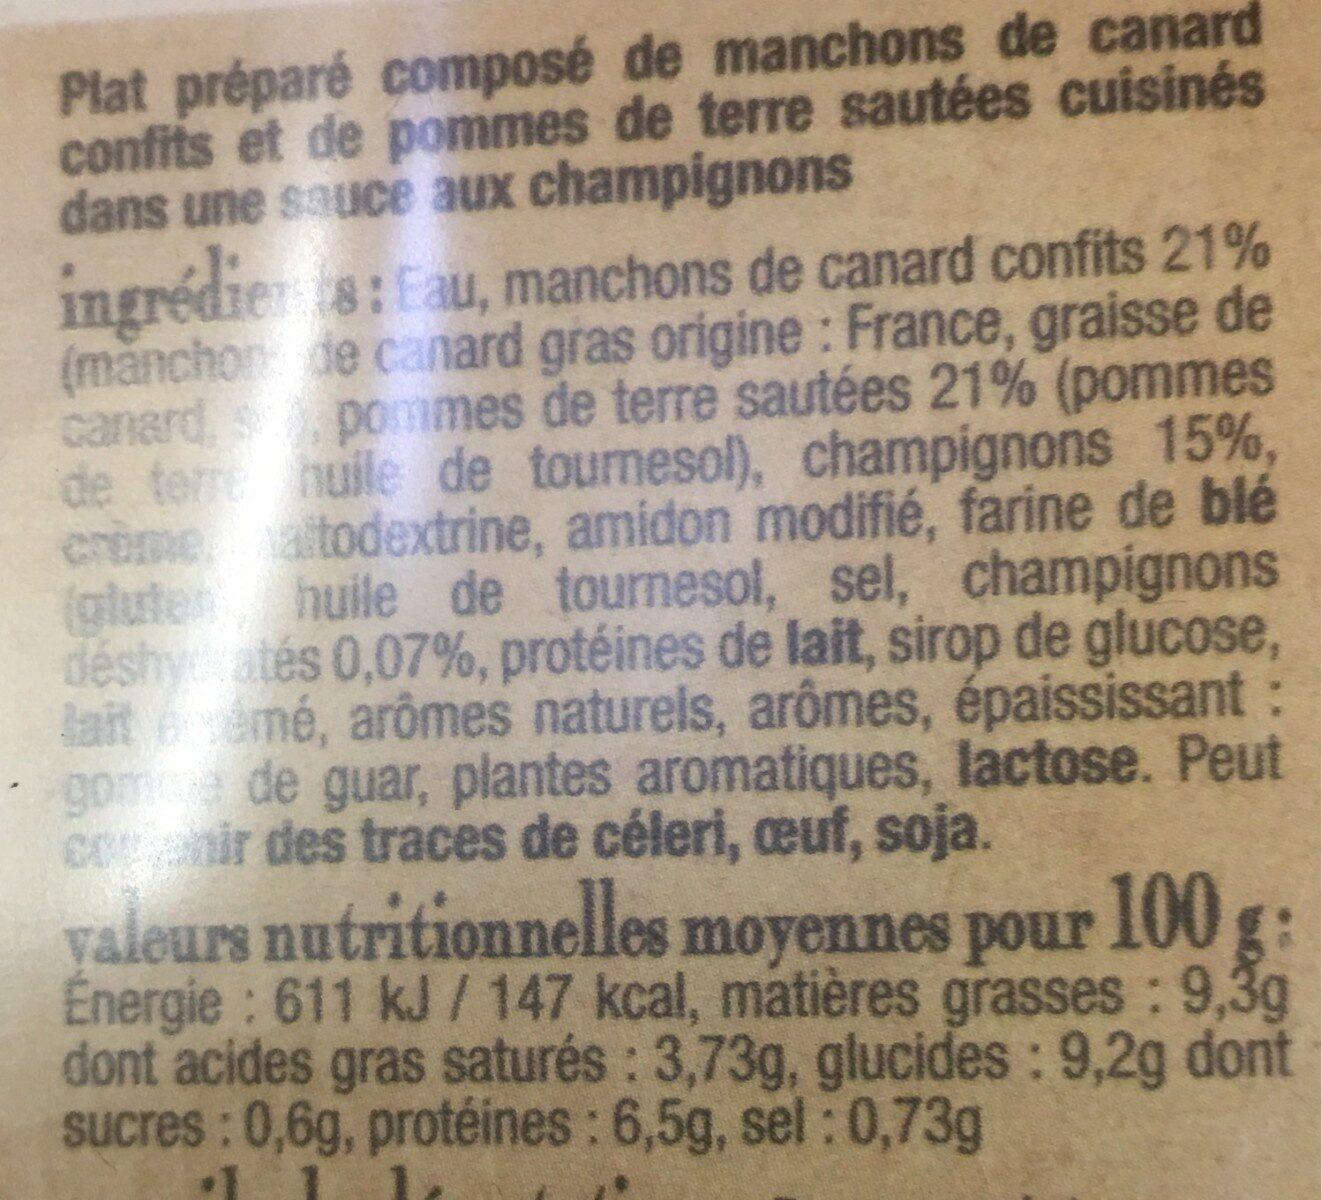 Confit de canard et pommes de terres à la forestiere - Voedingswaarden - fr